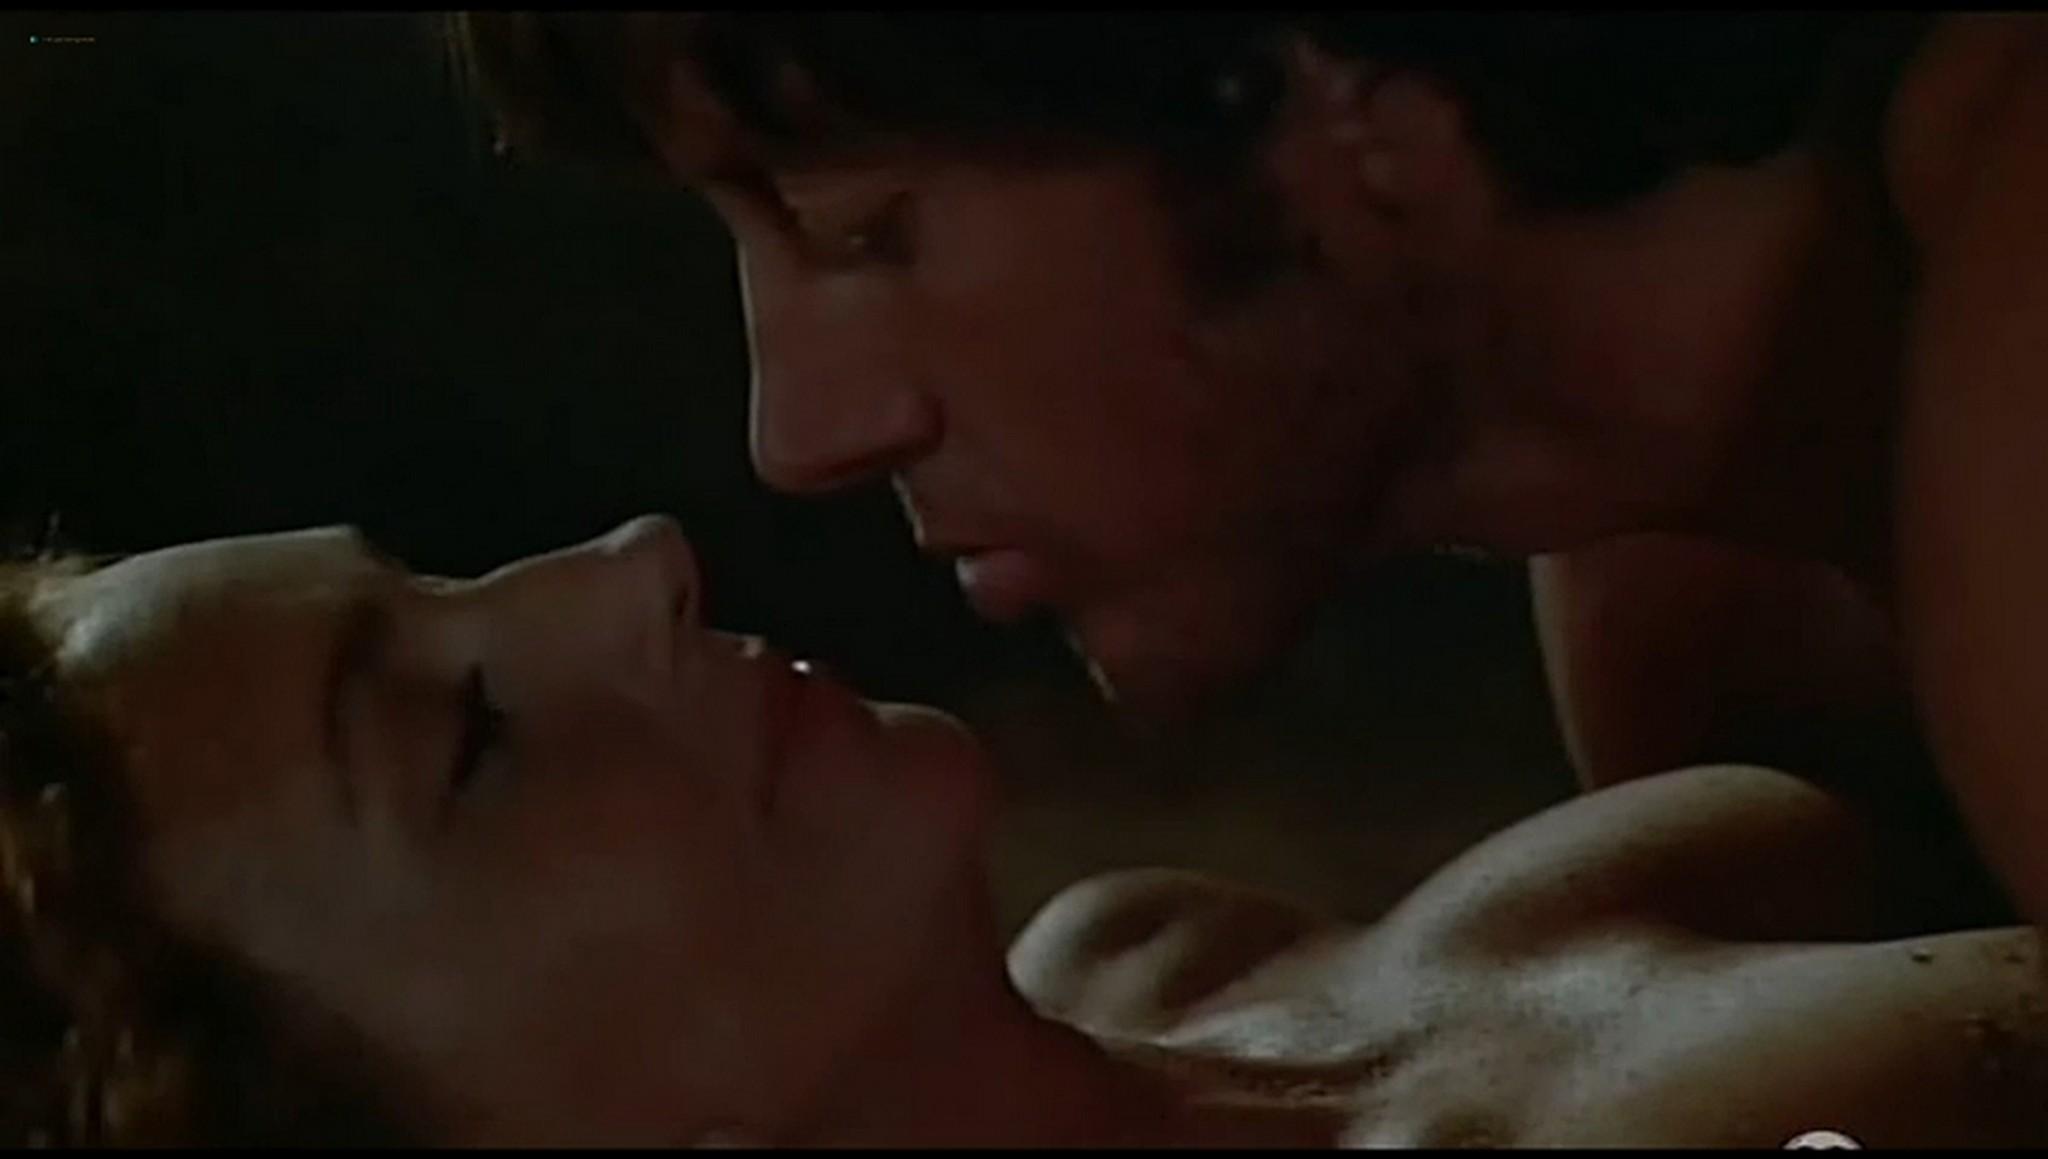 Valerie Kaprisky nude full frontal Caroline Cellier and others nude L annee des meduses 1984 20